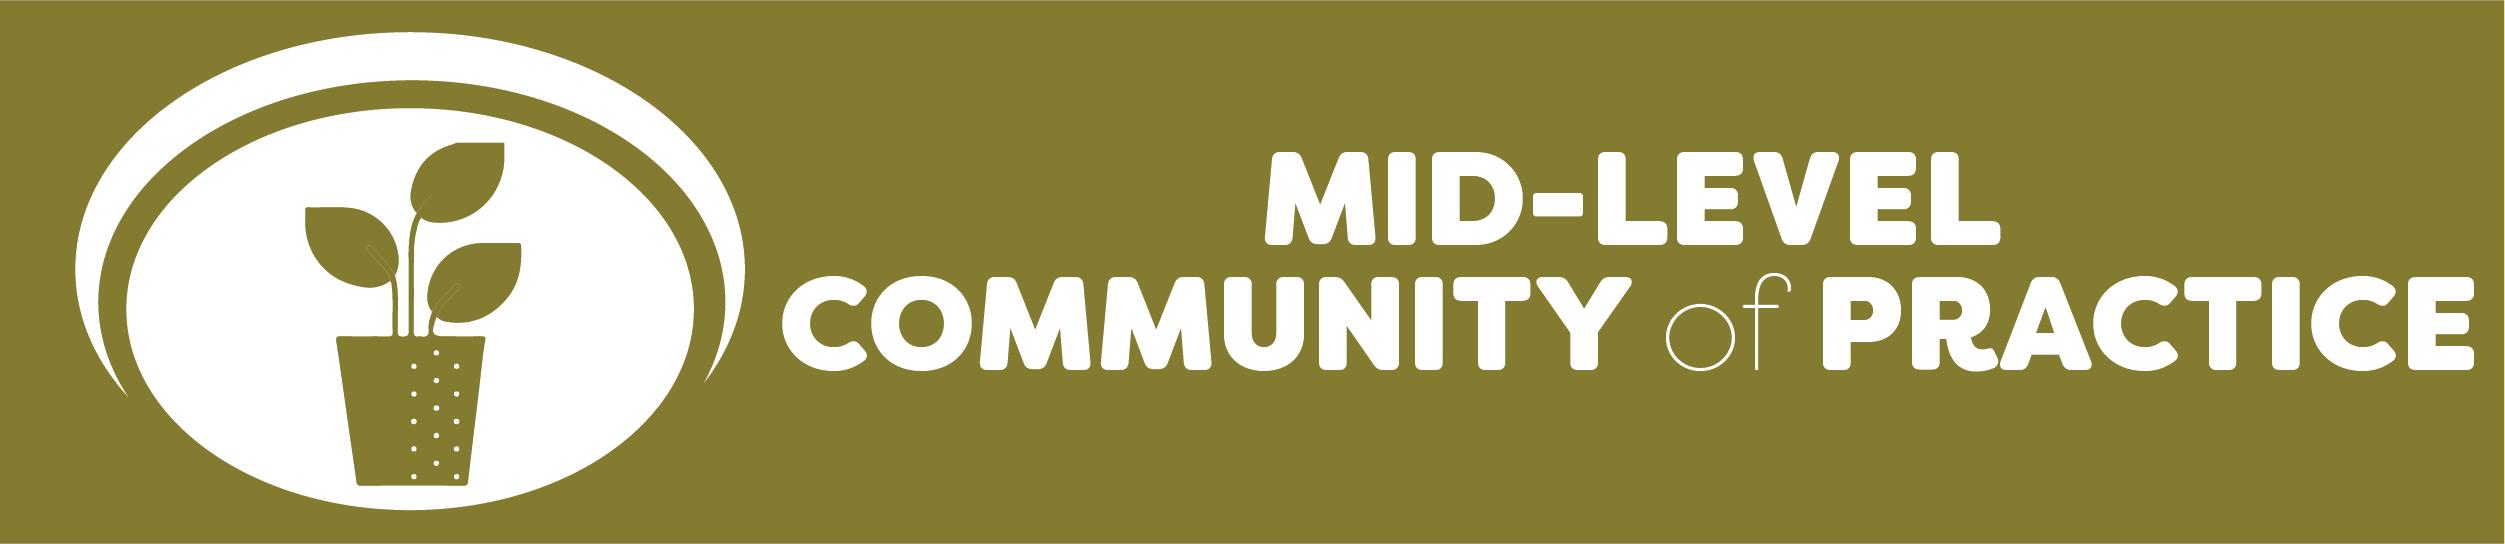 mid-level community of practice